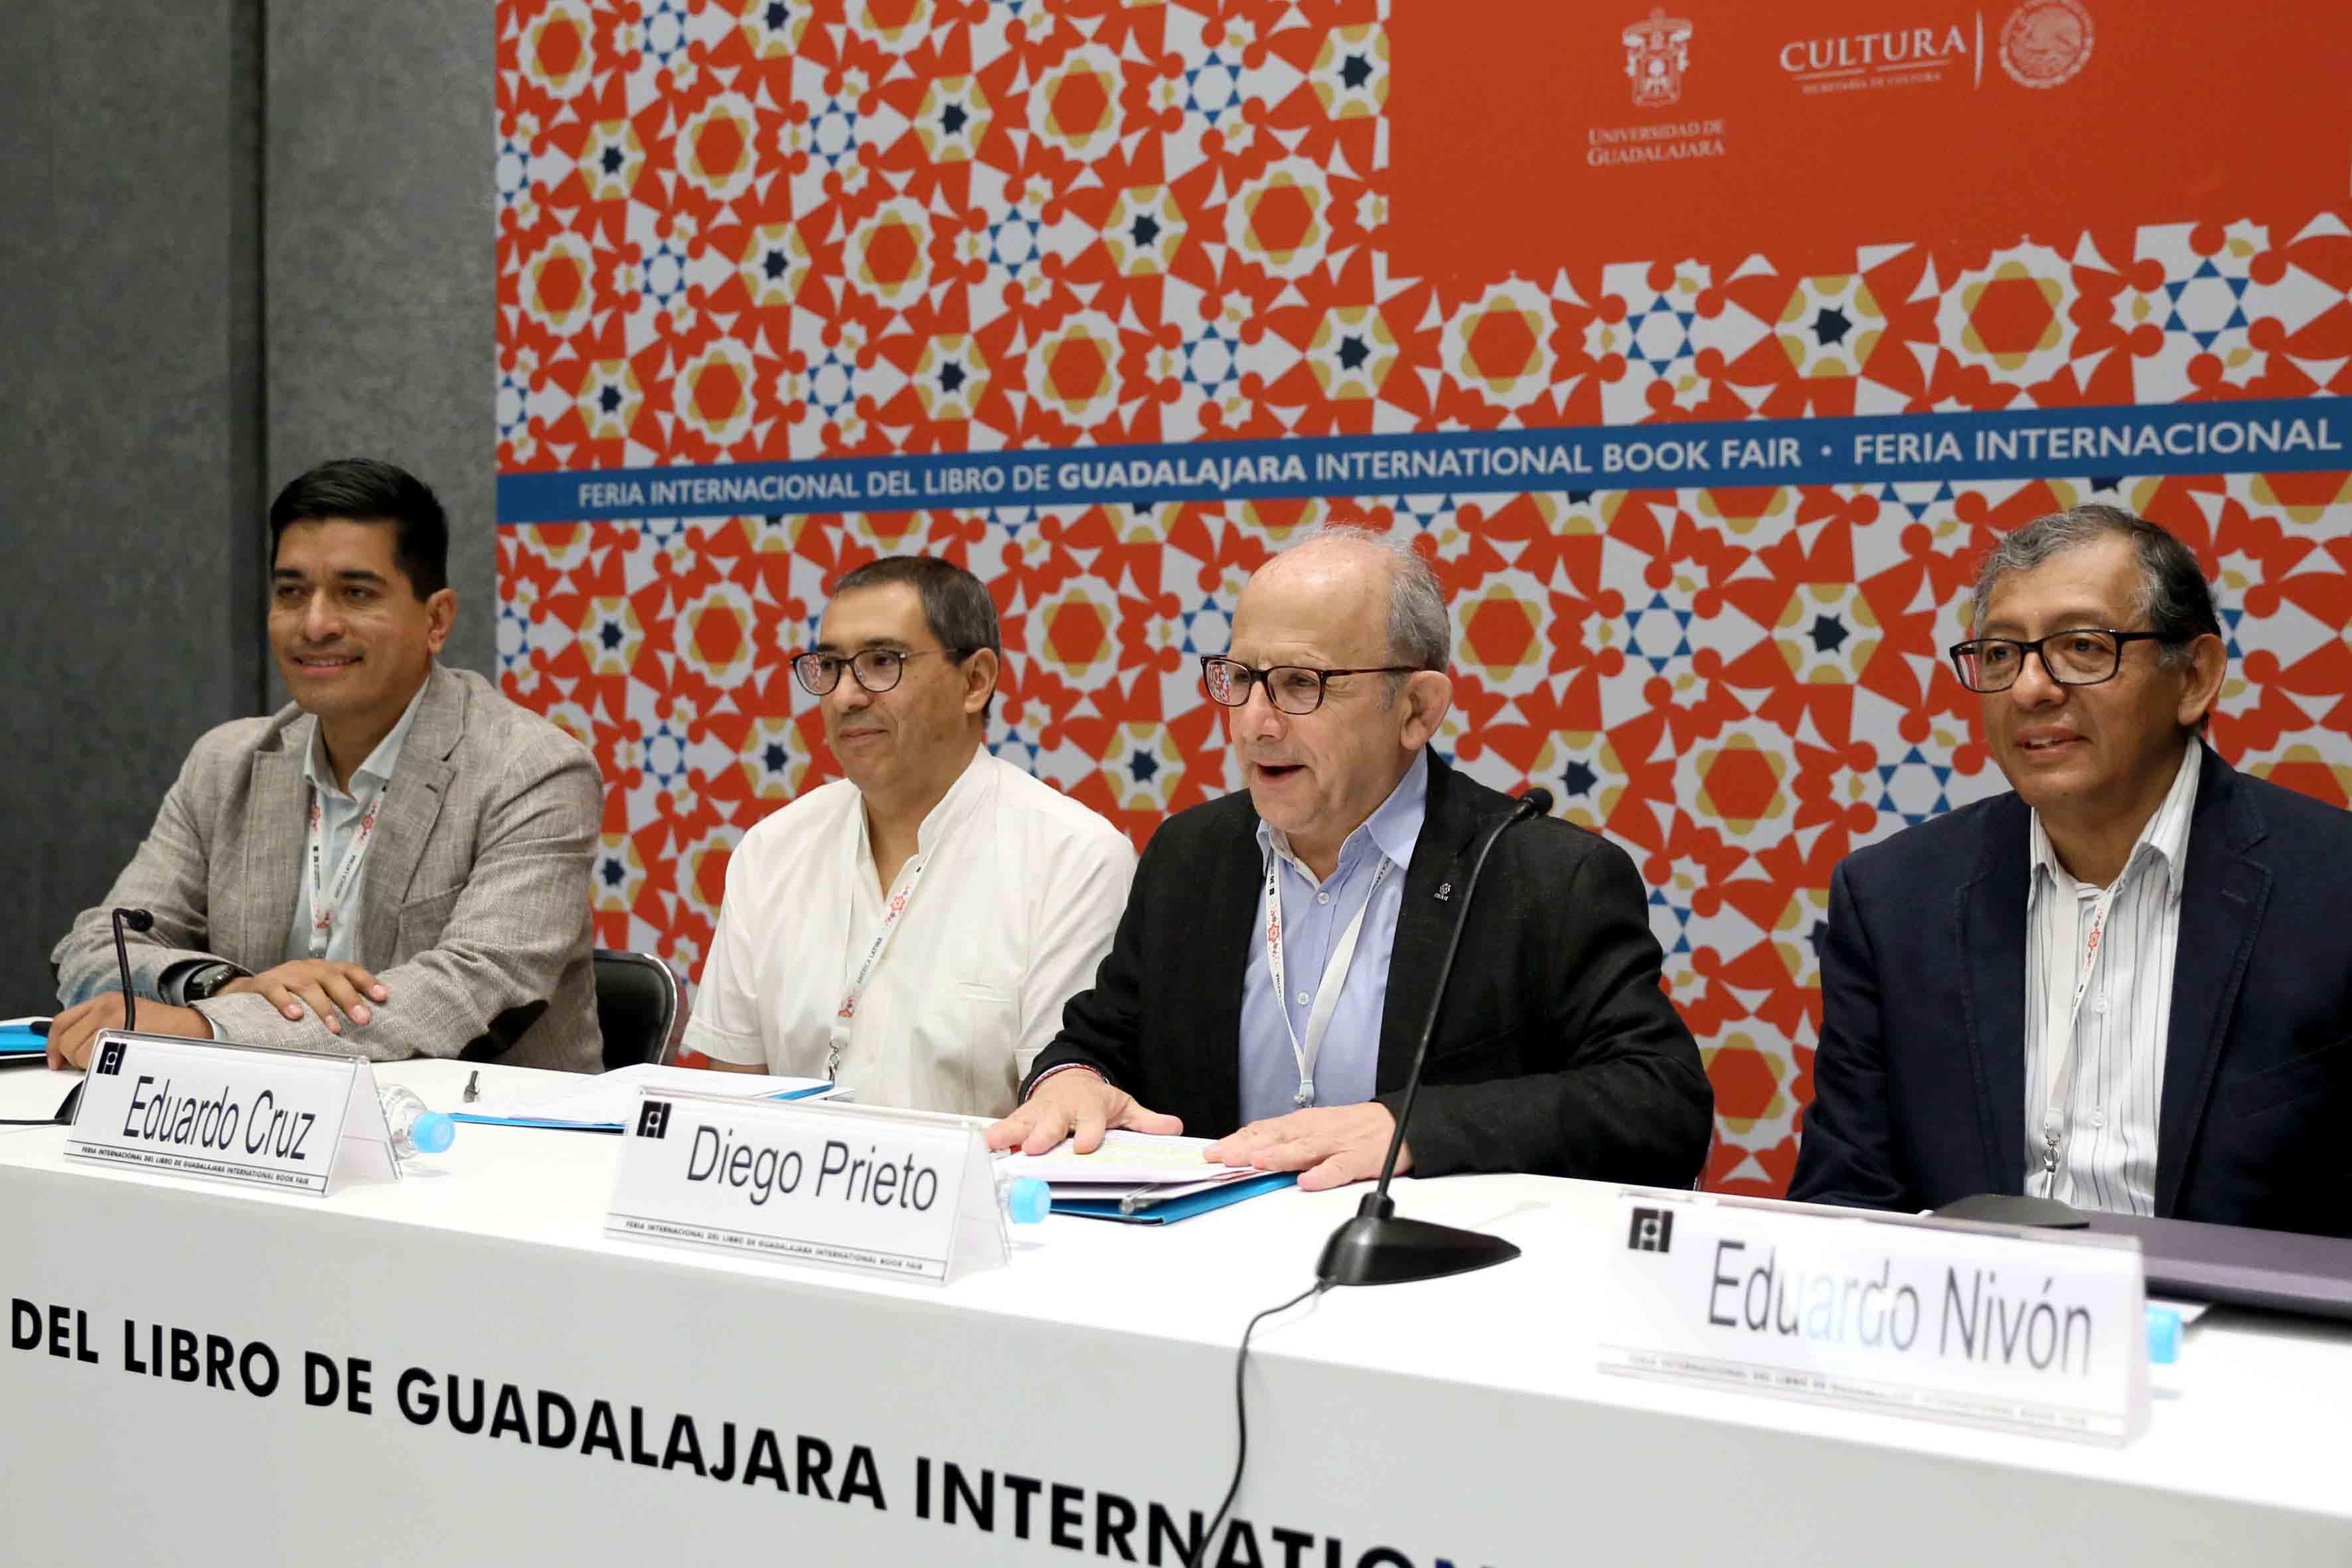 Miembros honorables del presidium, participando en el panel, en el marco de la Feria Internacional del Libro, llevado a cabo en el recinto Expo Guadalajara.